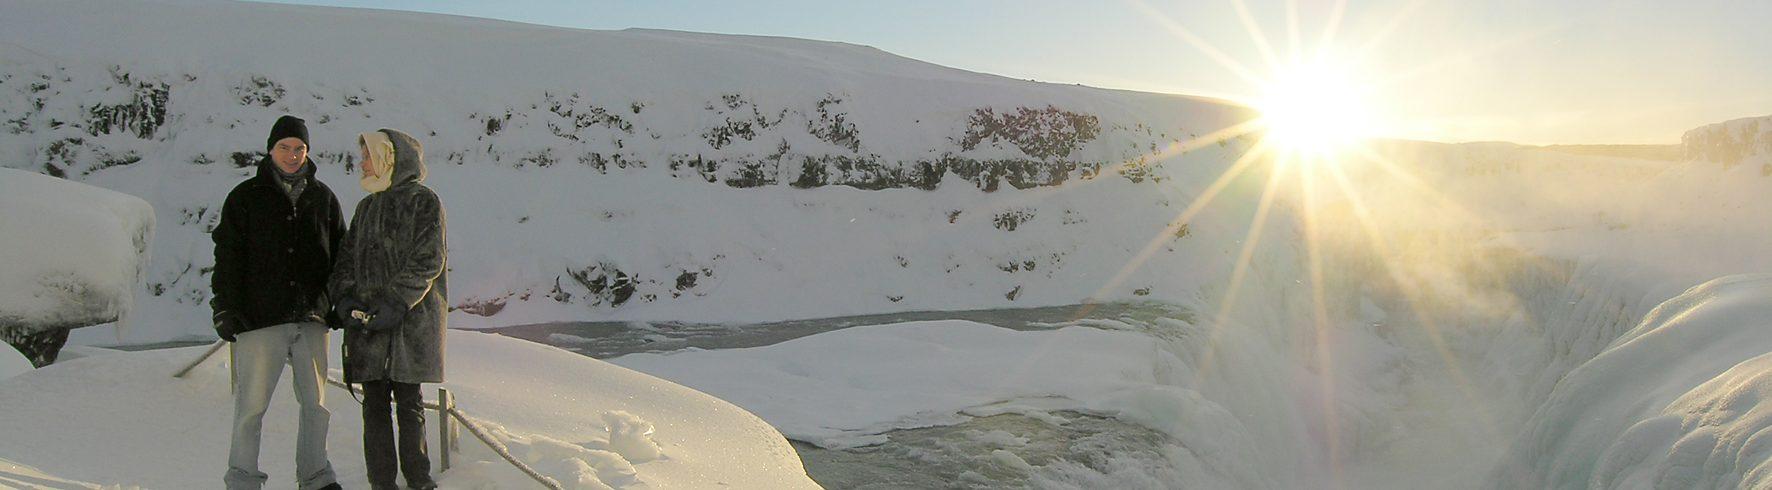 טיול לאיסלנד בחורף